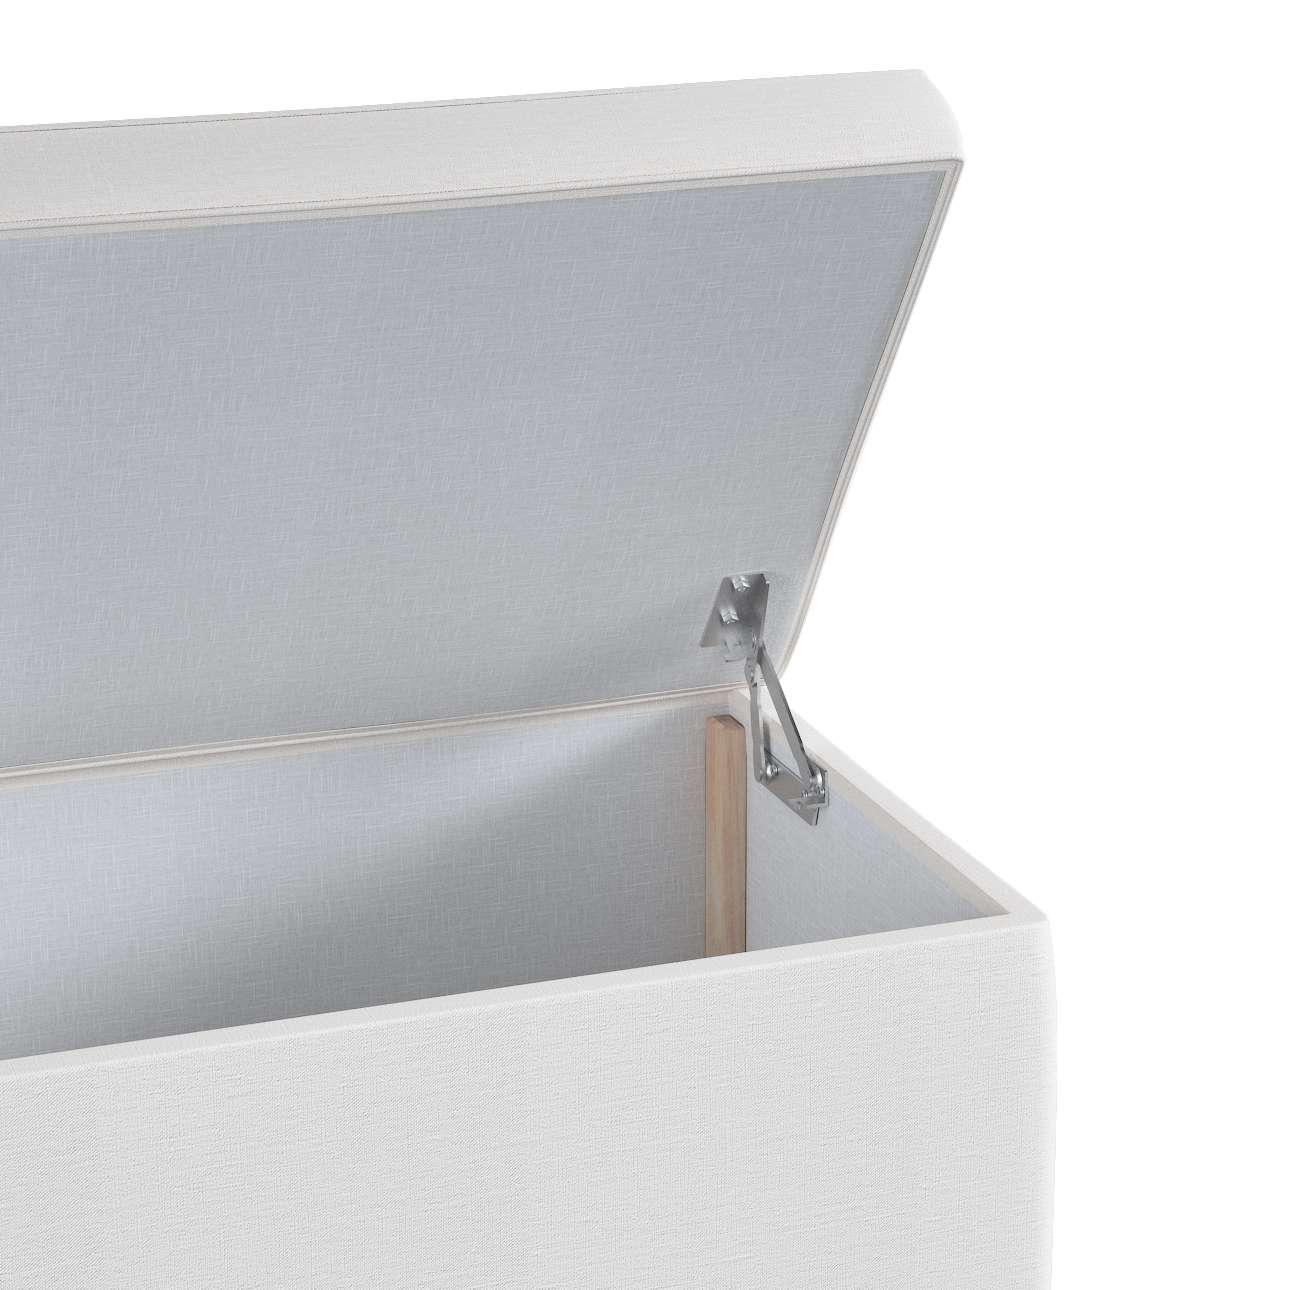 Čalouněná skříň s volbou látky - 2 velikosti v kolekci Linen, látka: 392-04